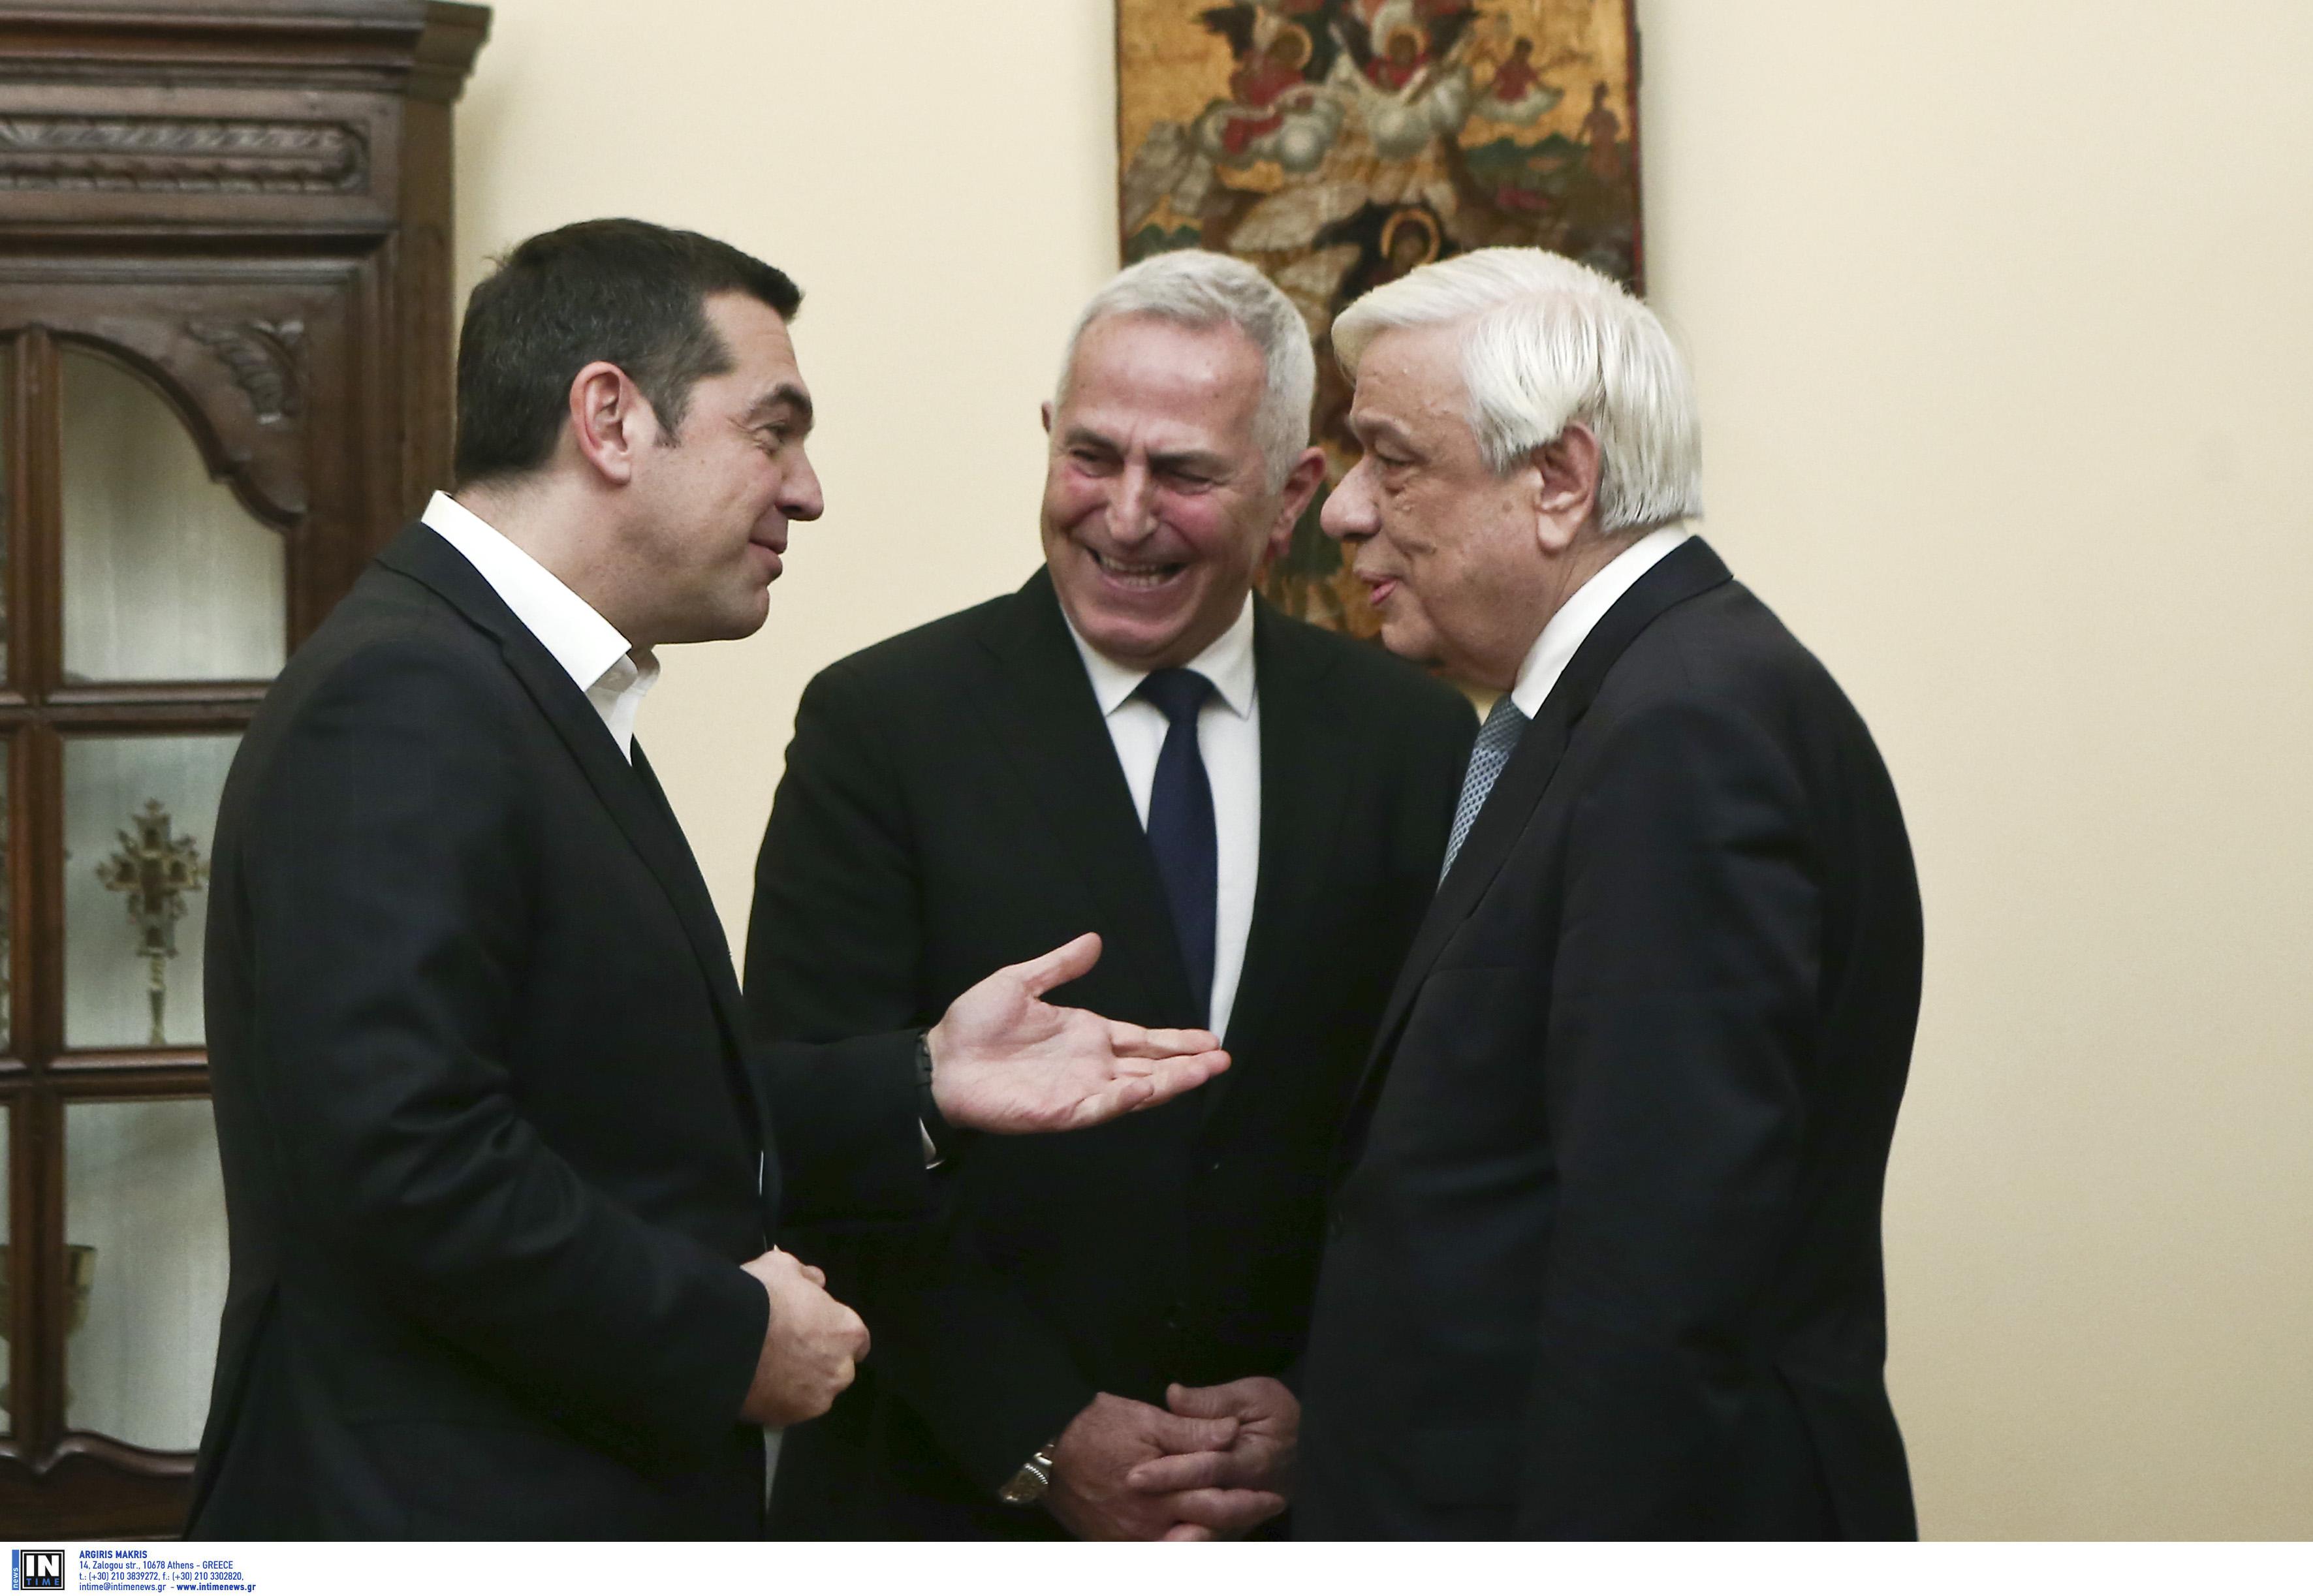 """Αποστολάκης και πρόεδρος ΣτΕ στη λίστα για τον Πρόεδρο της Δημοκρατίας! Η """"μάχη"""" για τον εκλογικό νόμο και το σενάριο των διπλών εκλογών"""